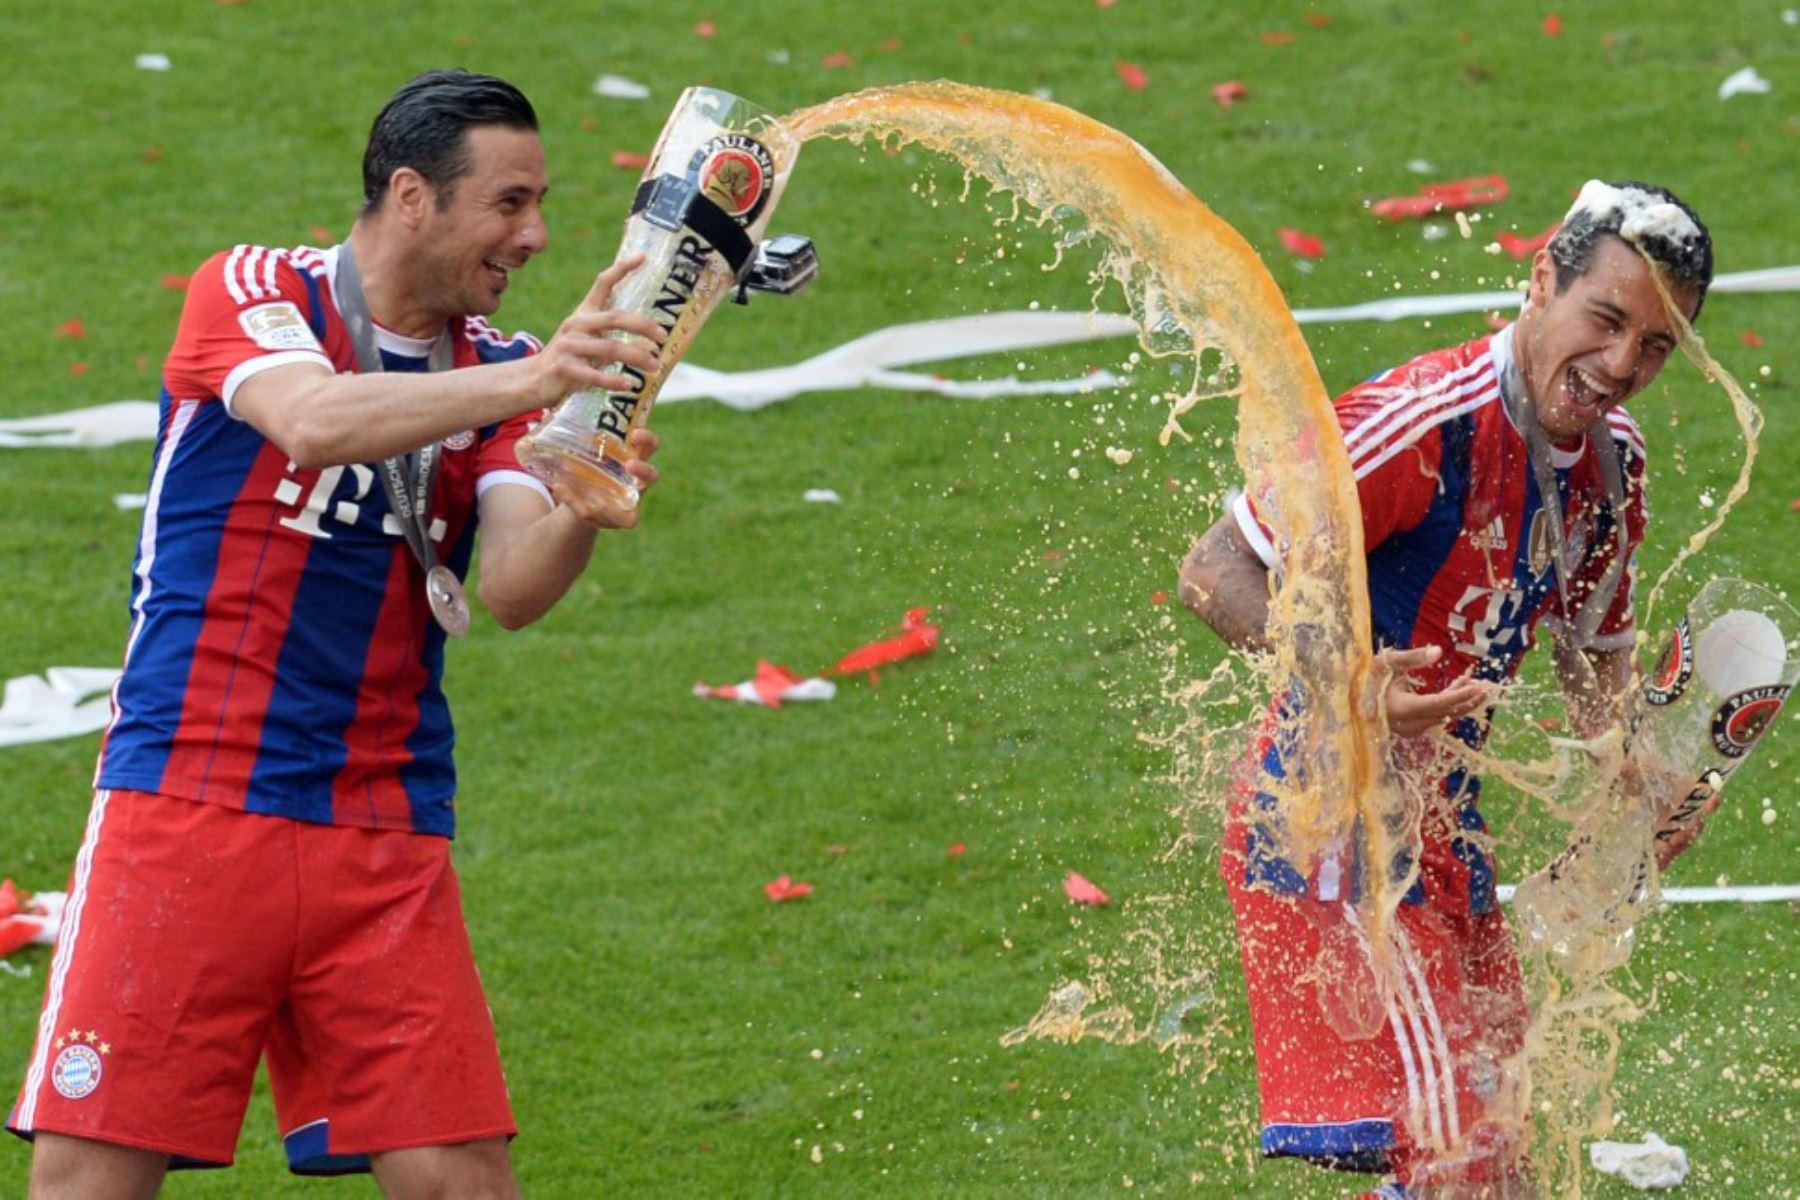 El centrocampista español del Bayern Múnich Thiago Alcántara  recibe una ducha de cerveza del delantero peruano del Bayern Múnich Claudio Pizarro después del partido de fútbol de la primera división alemana de la Bundesliga FC Bayern Múnich vs VFB Stuttgart en Múnich, sur de Alemania. Foto: AFP